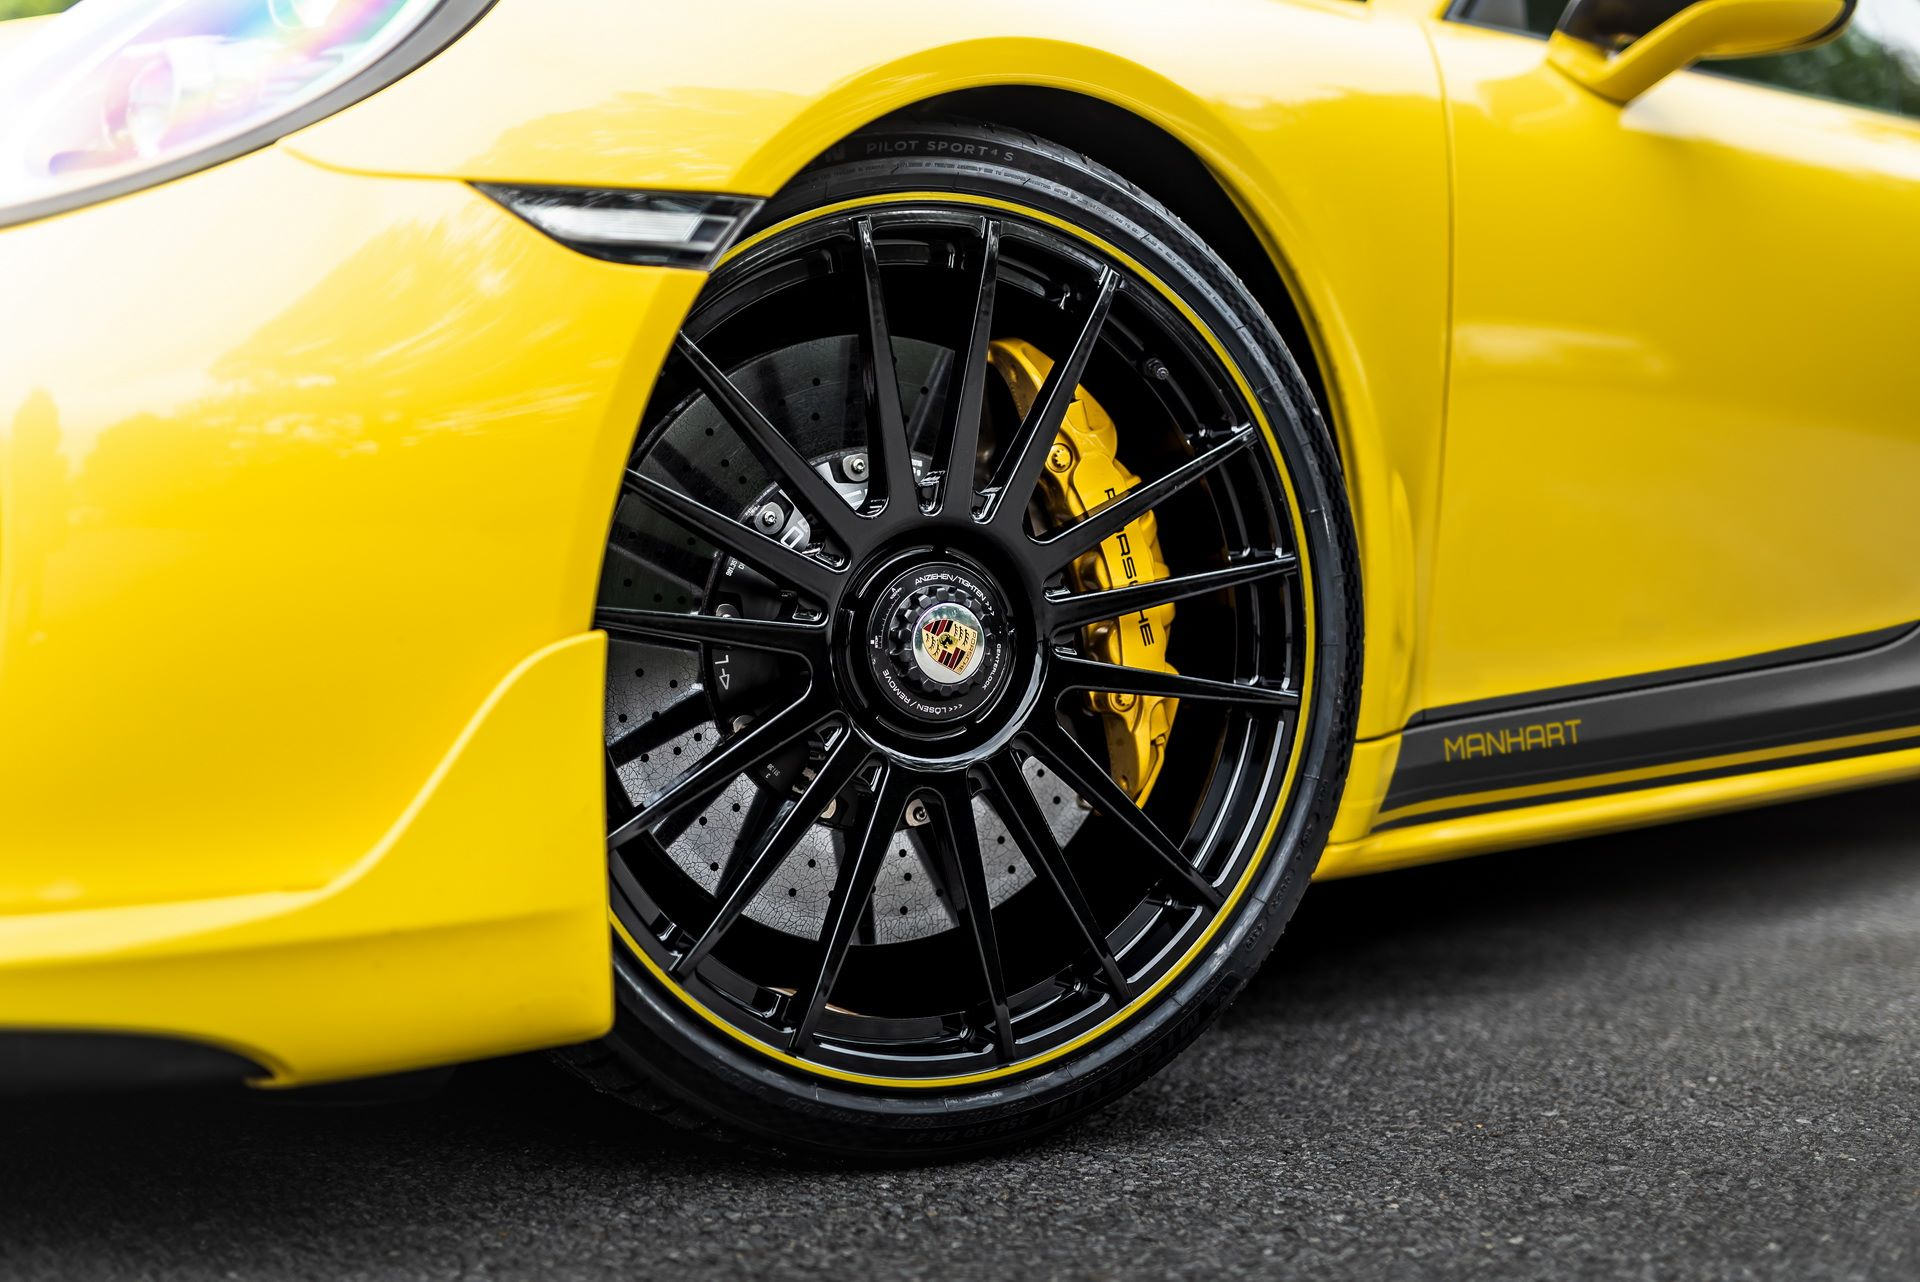 Porsche-911-Turbo-S-by-Manhart-8